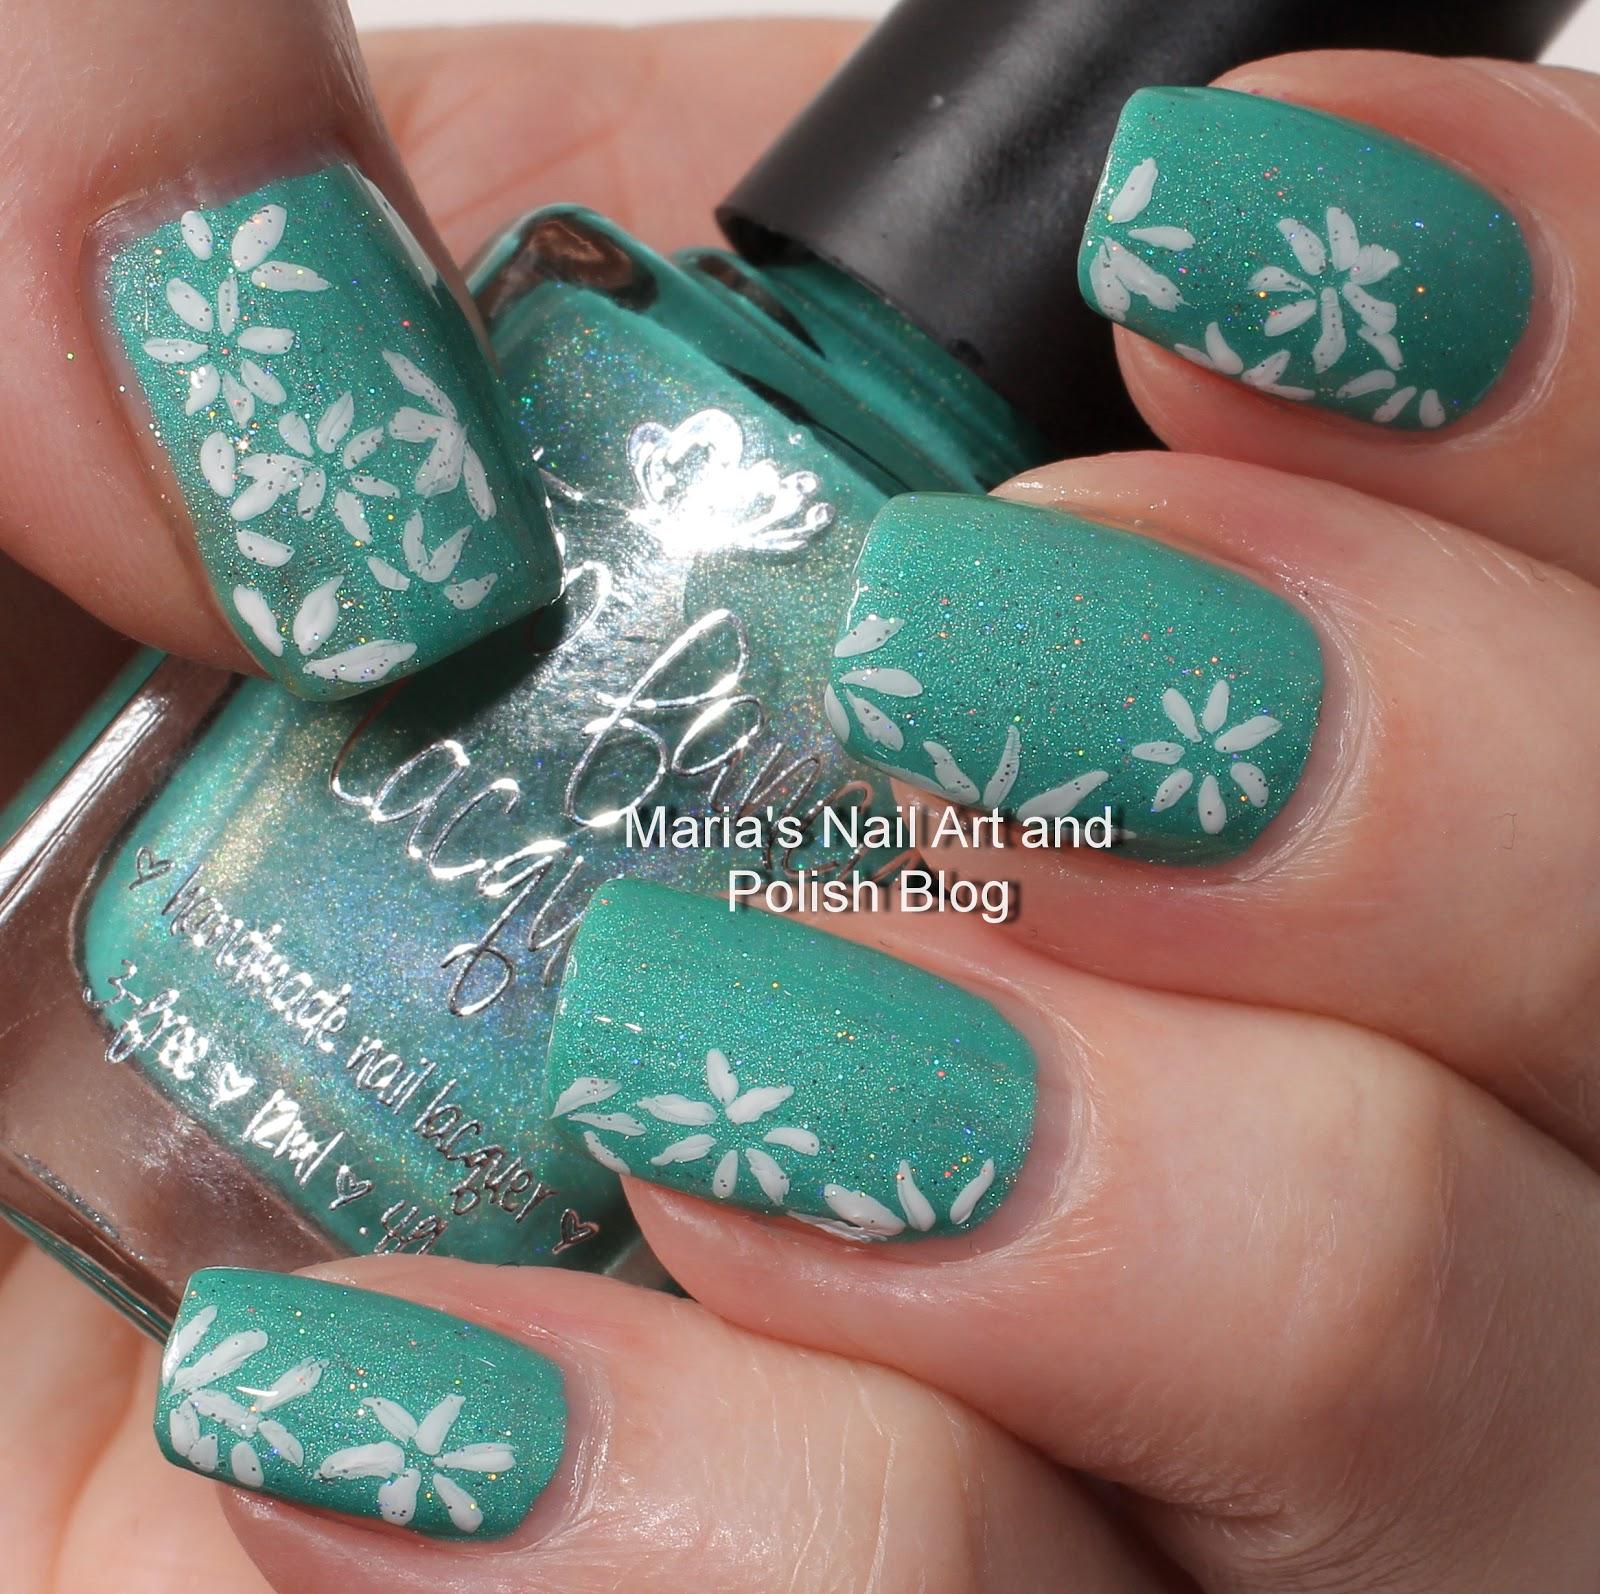 Marias Nail Art and Polish Blog: Daisy nail art